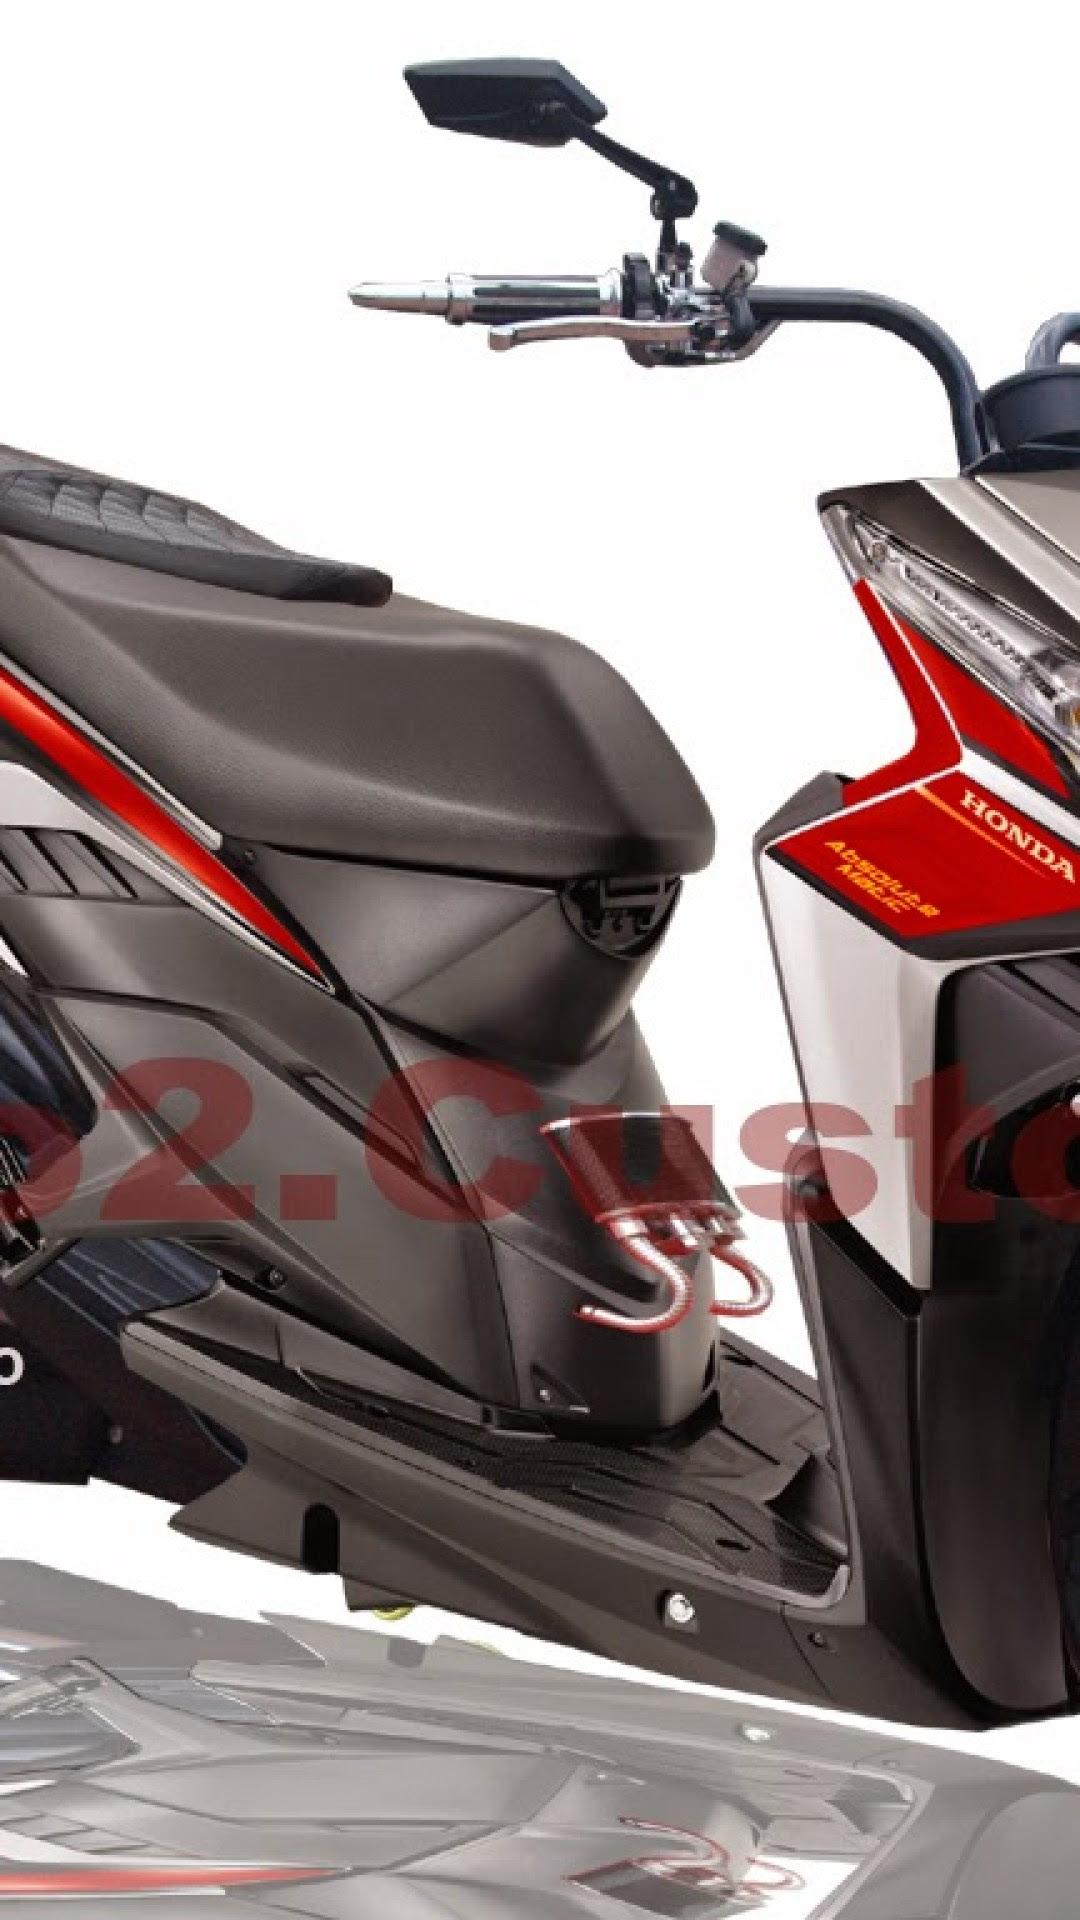 Download 68 Modifikasi Motor Honda Revo Fit Terbaru Dan Terlengkap